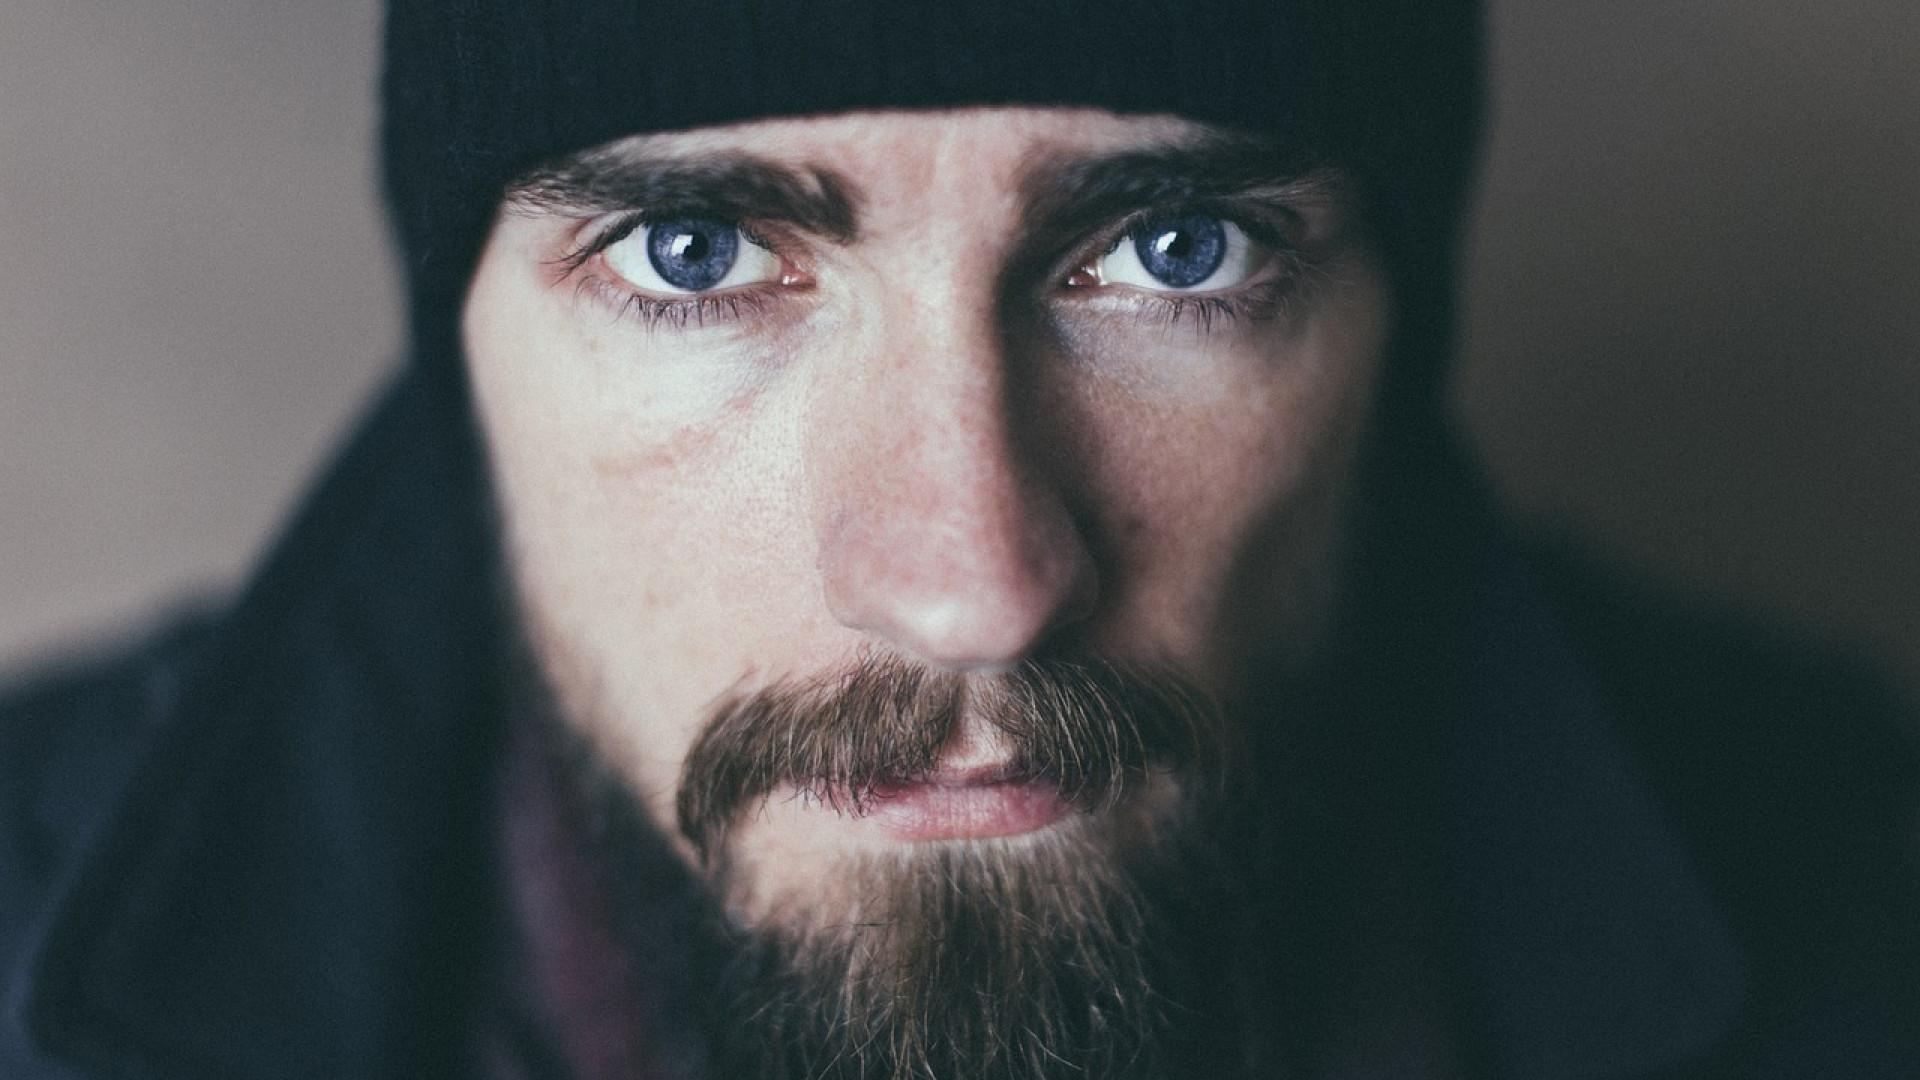 Les hommes s'affirment et portent la barbe à merveille